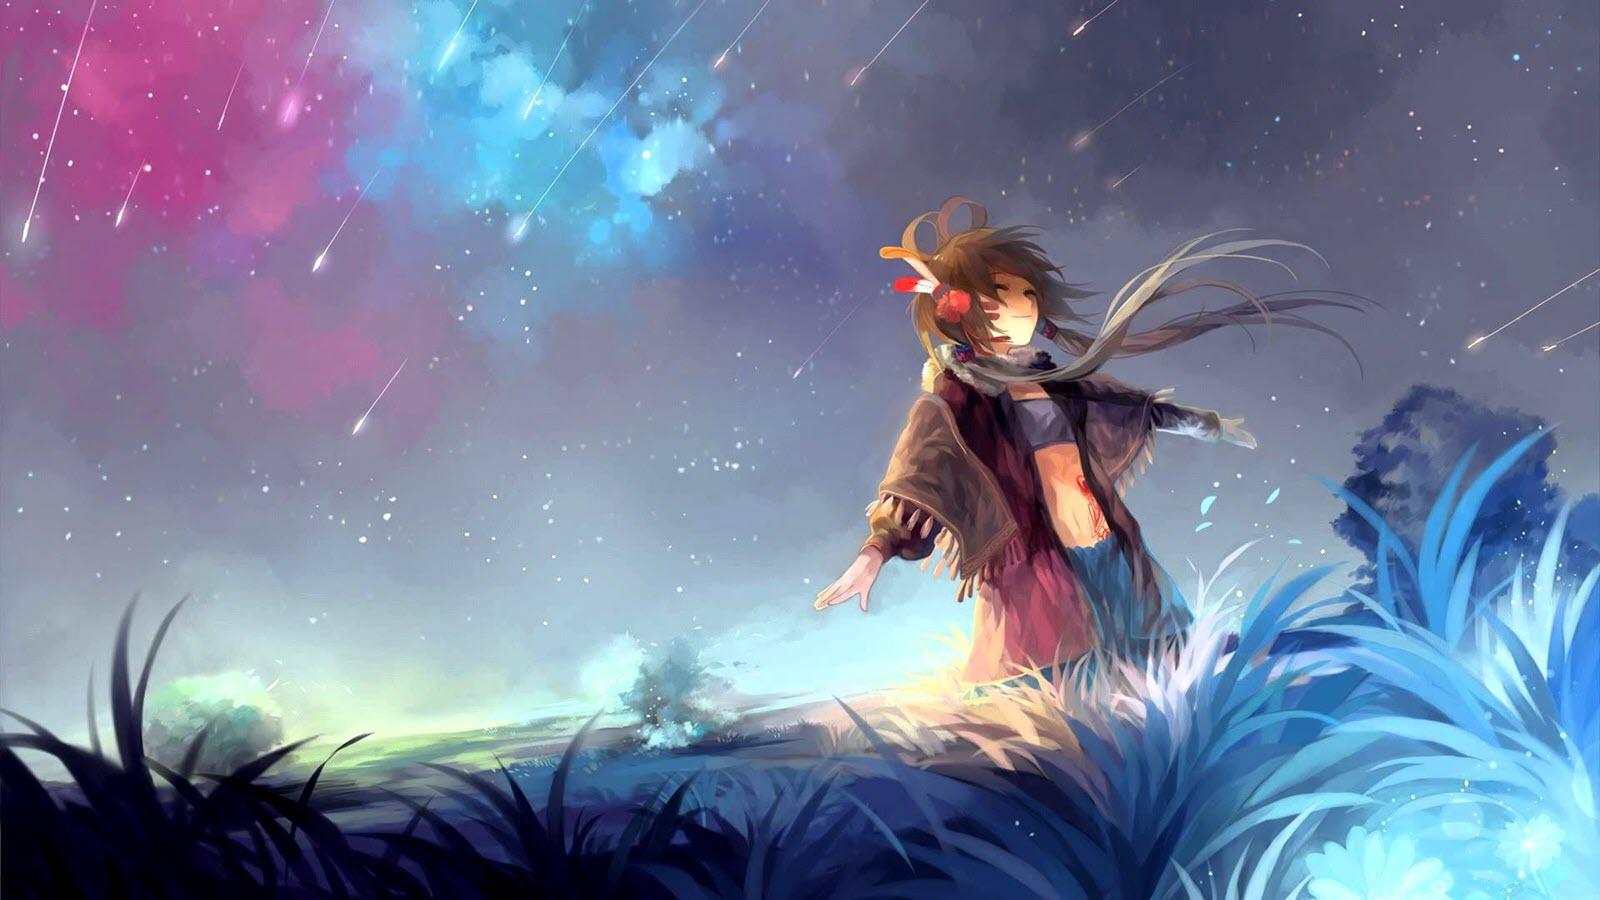 Ảnh anime galaxy girl cực đẹp